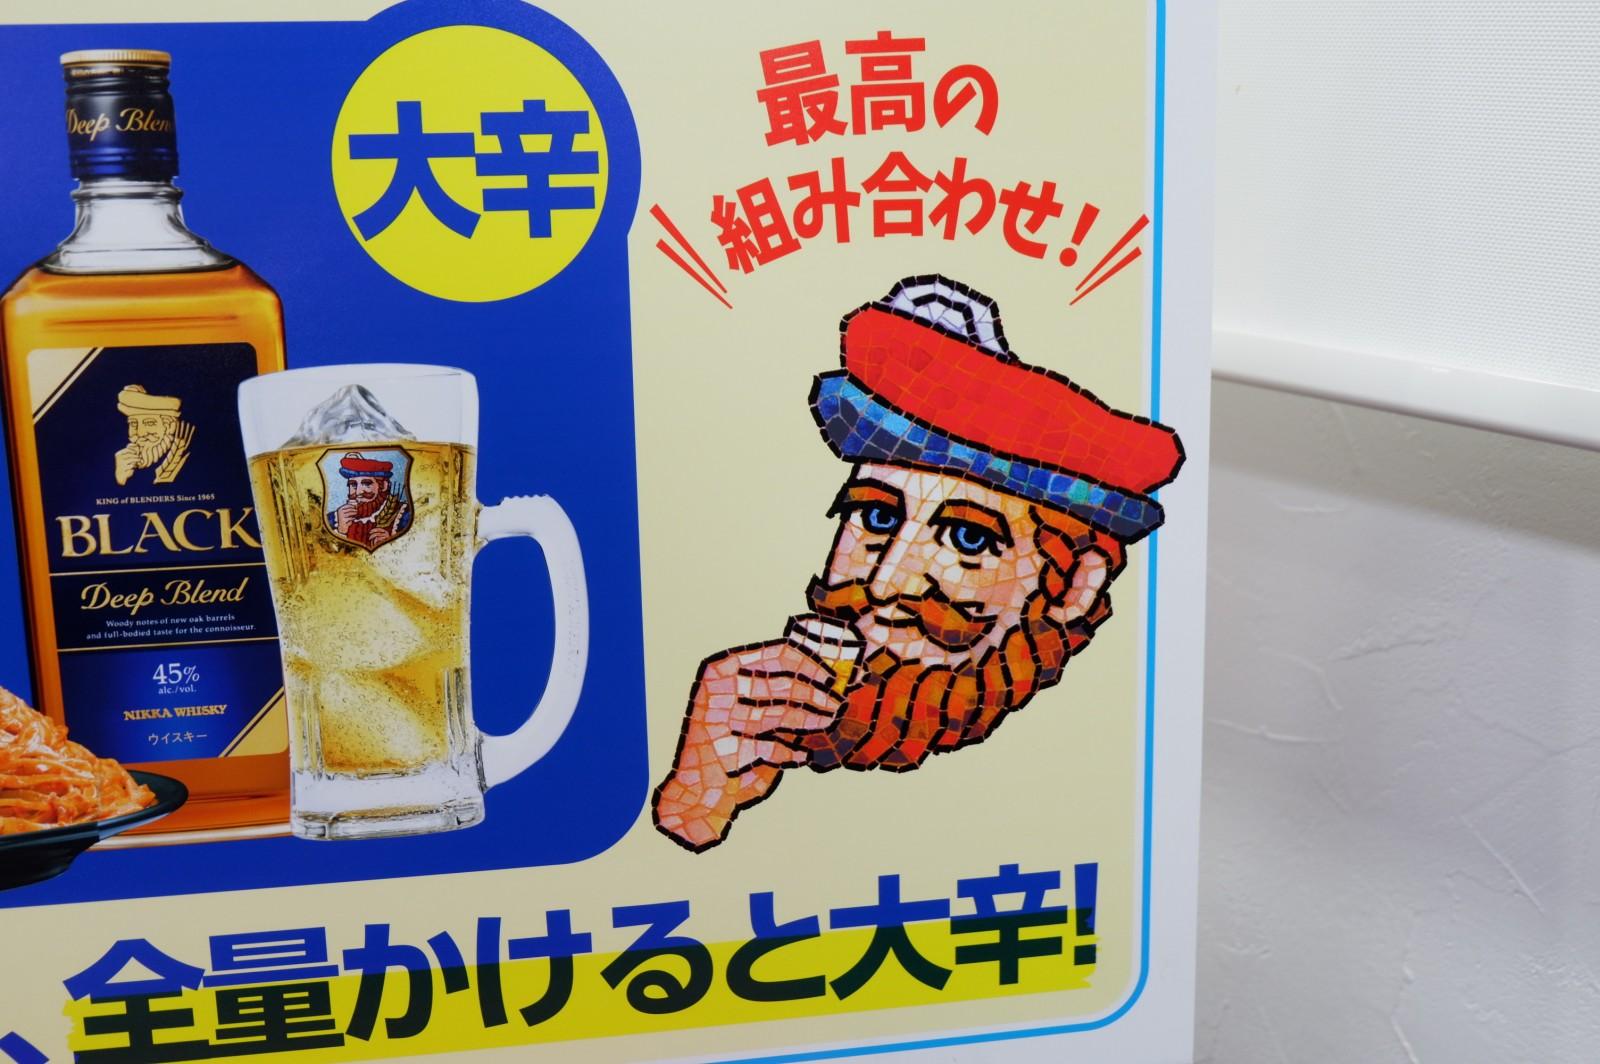 ニッカウヰスキー ひげのおじさんが「汁なし担々麺はハイボールに最高」とつぶやいたので、ドドーン!とキャンペーン!!